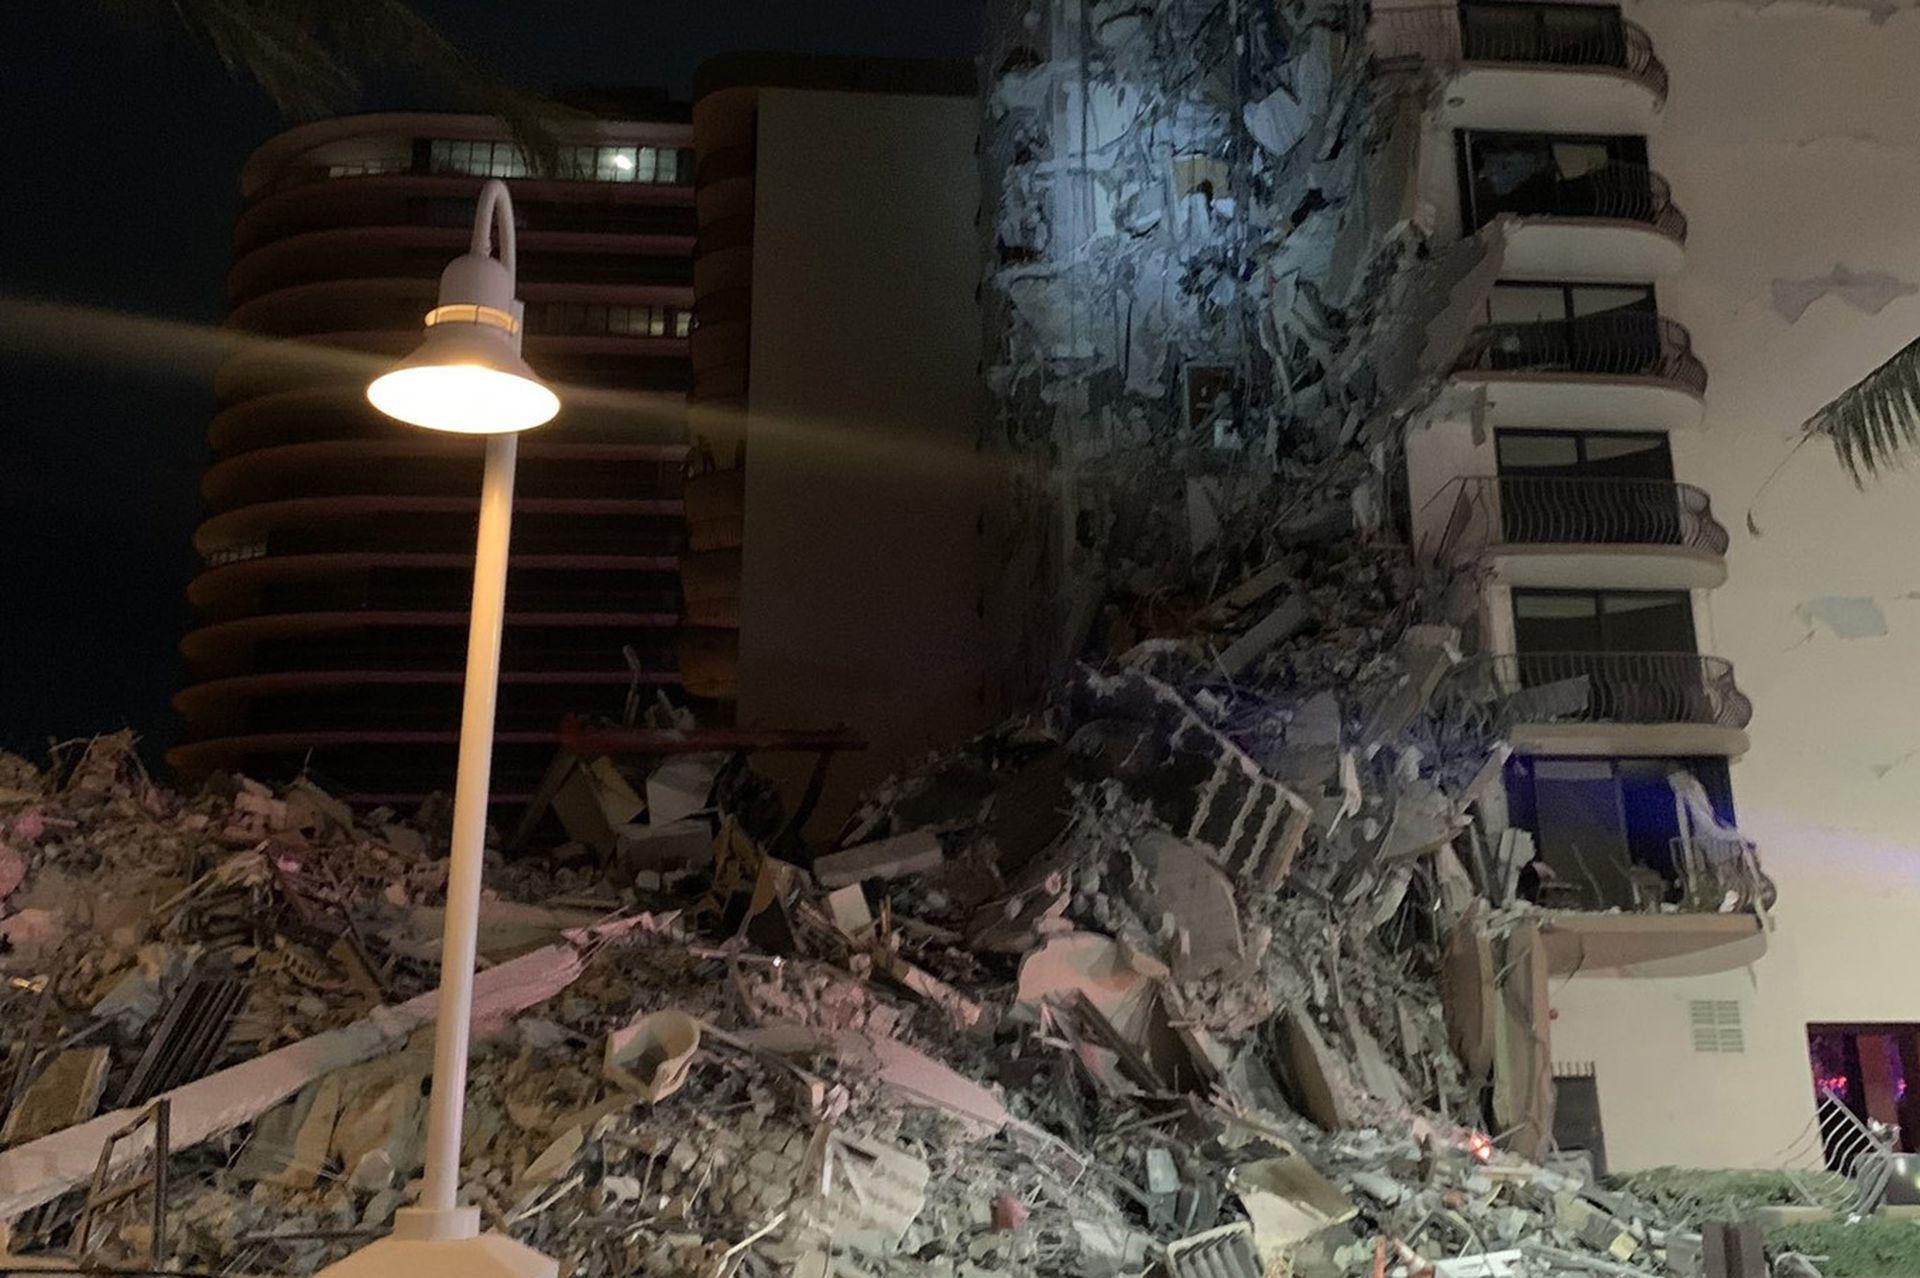 Tras el derrumbe el edificio quedó convertido en una pila de escombros